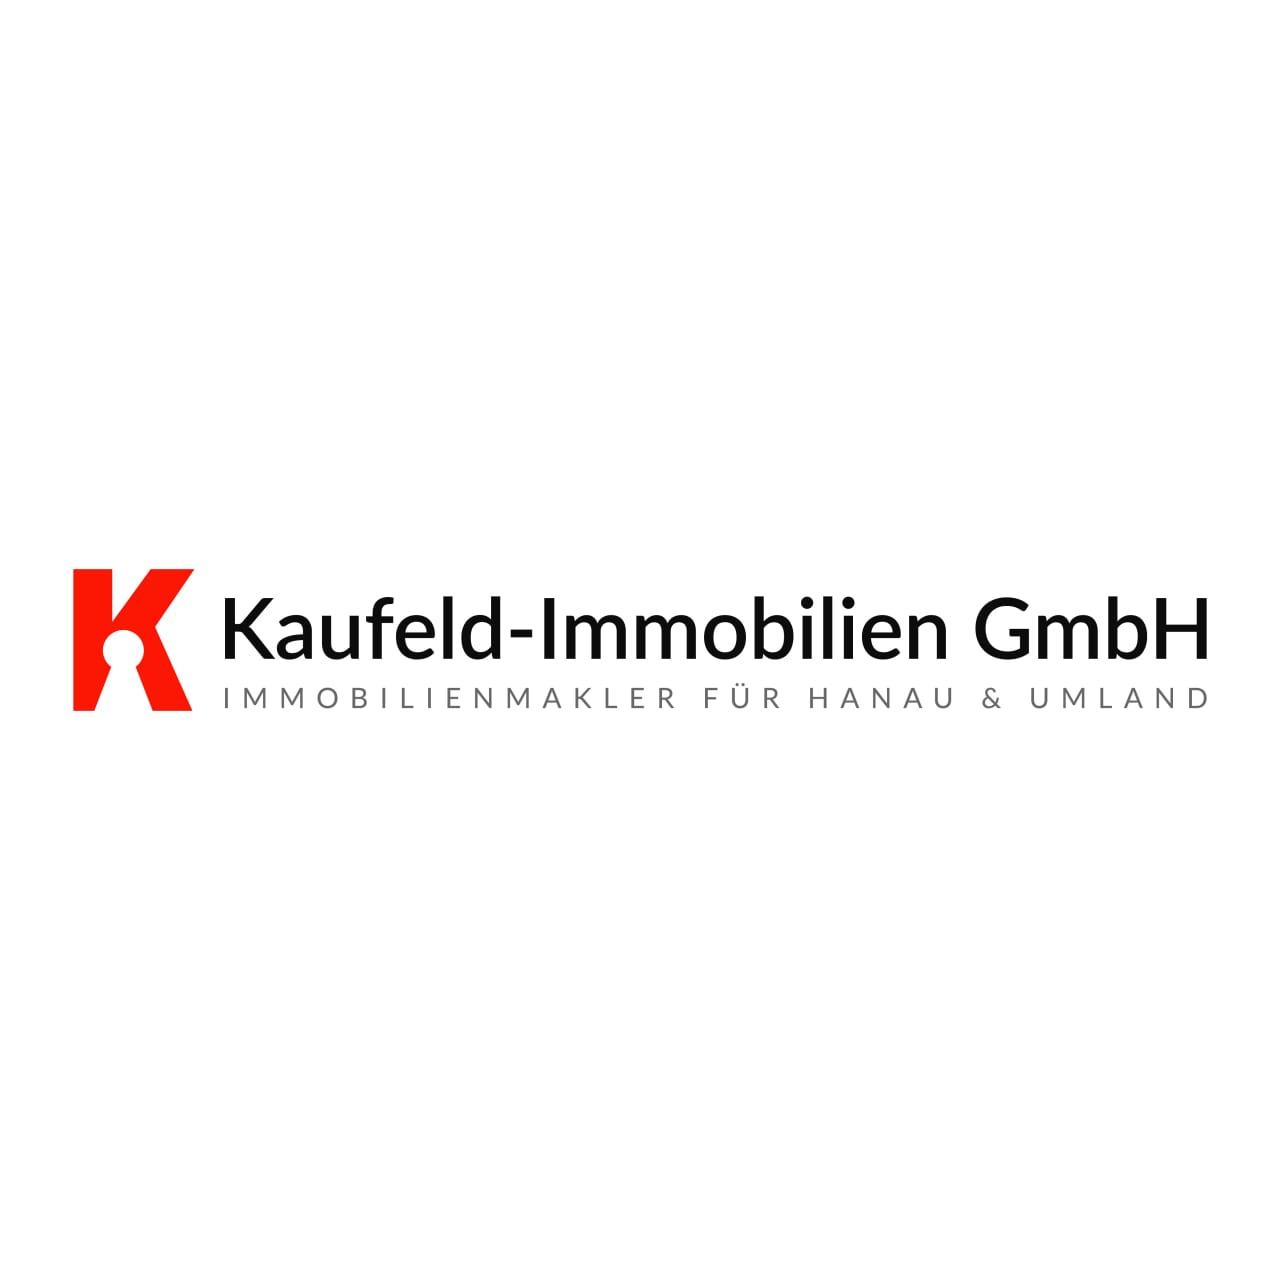 Immobilienmakler für Hanau & Umland